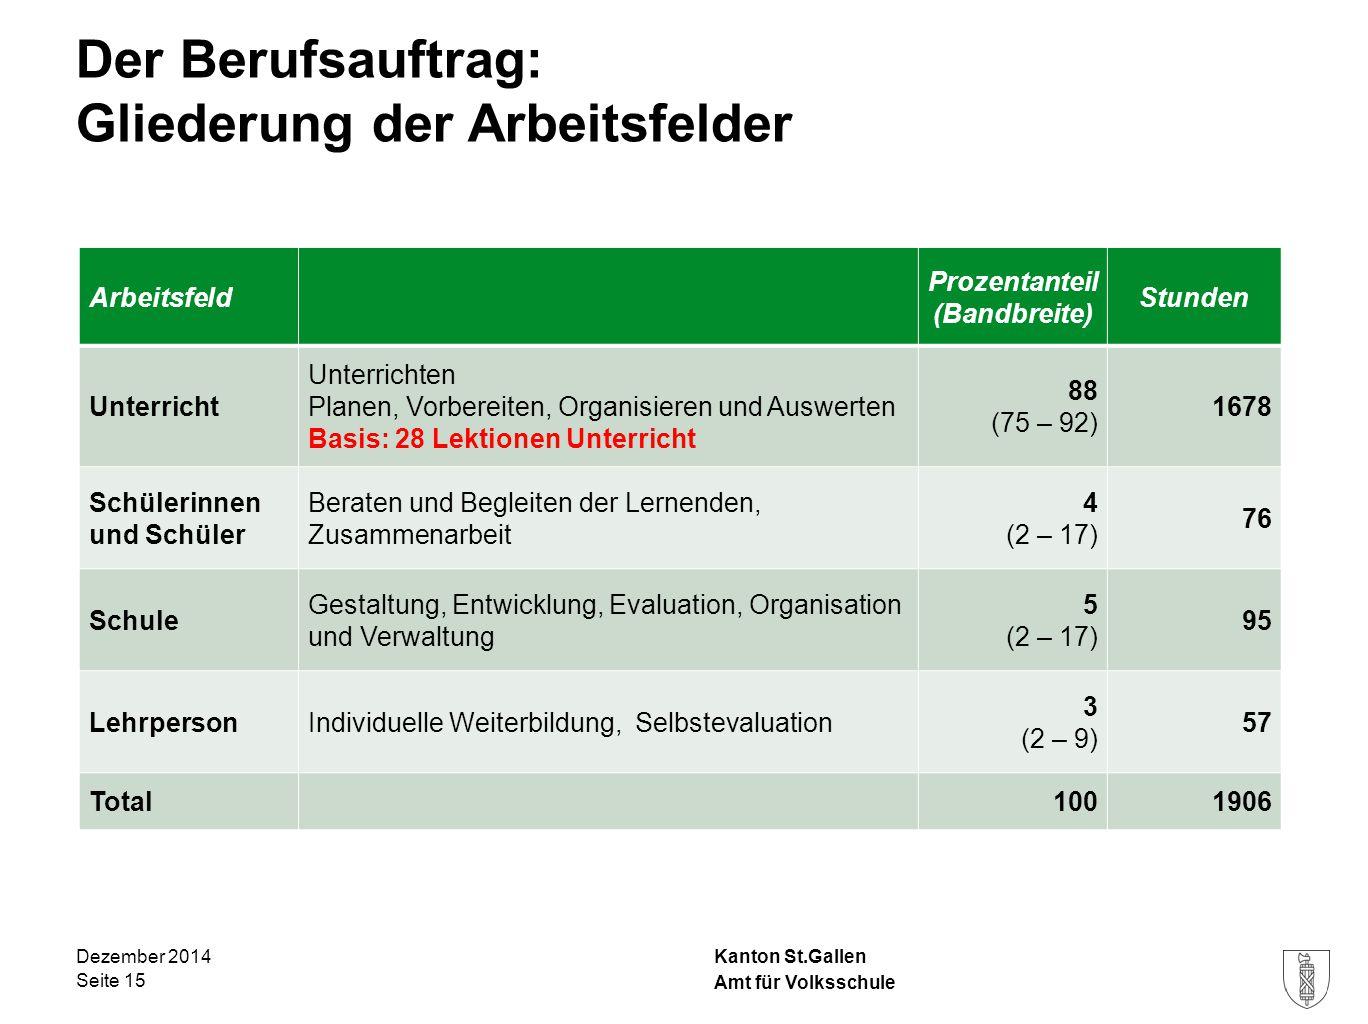 Kanton St.Gallen Der Berufsauftrag: Gliederung der Arbeitsfelder Dezember 2014 Seite 15 Arbeitsfeld Prozentanteil (Bandbreite) Stunden Unterricht Unte